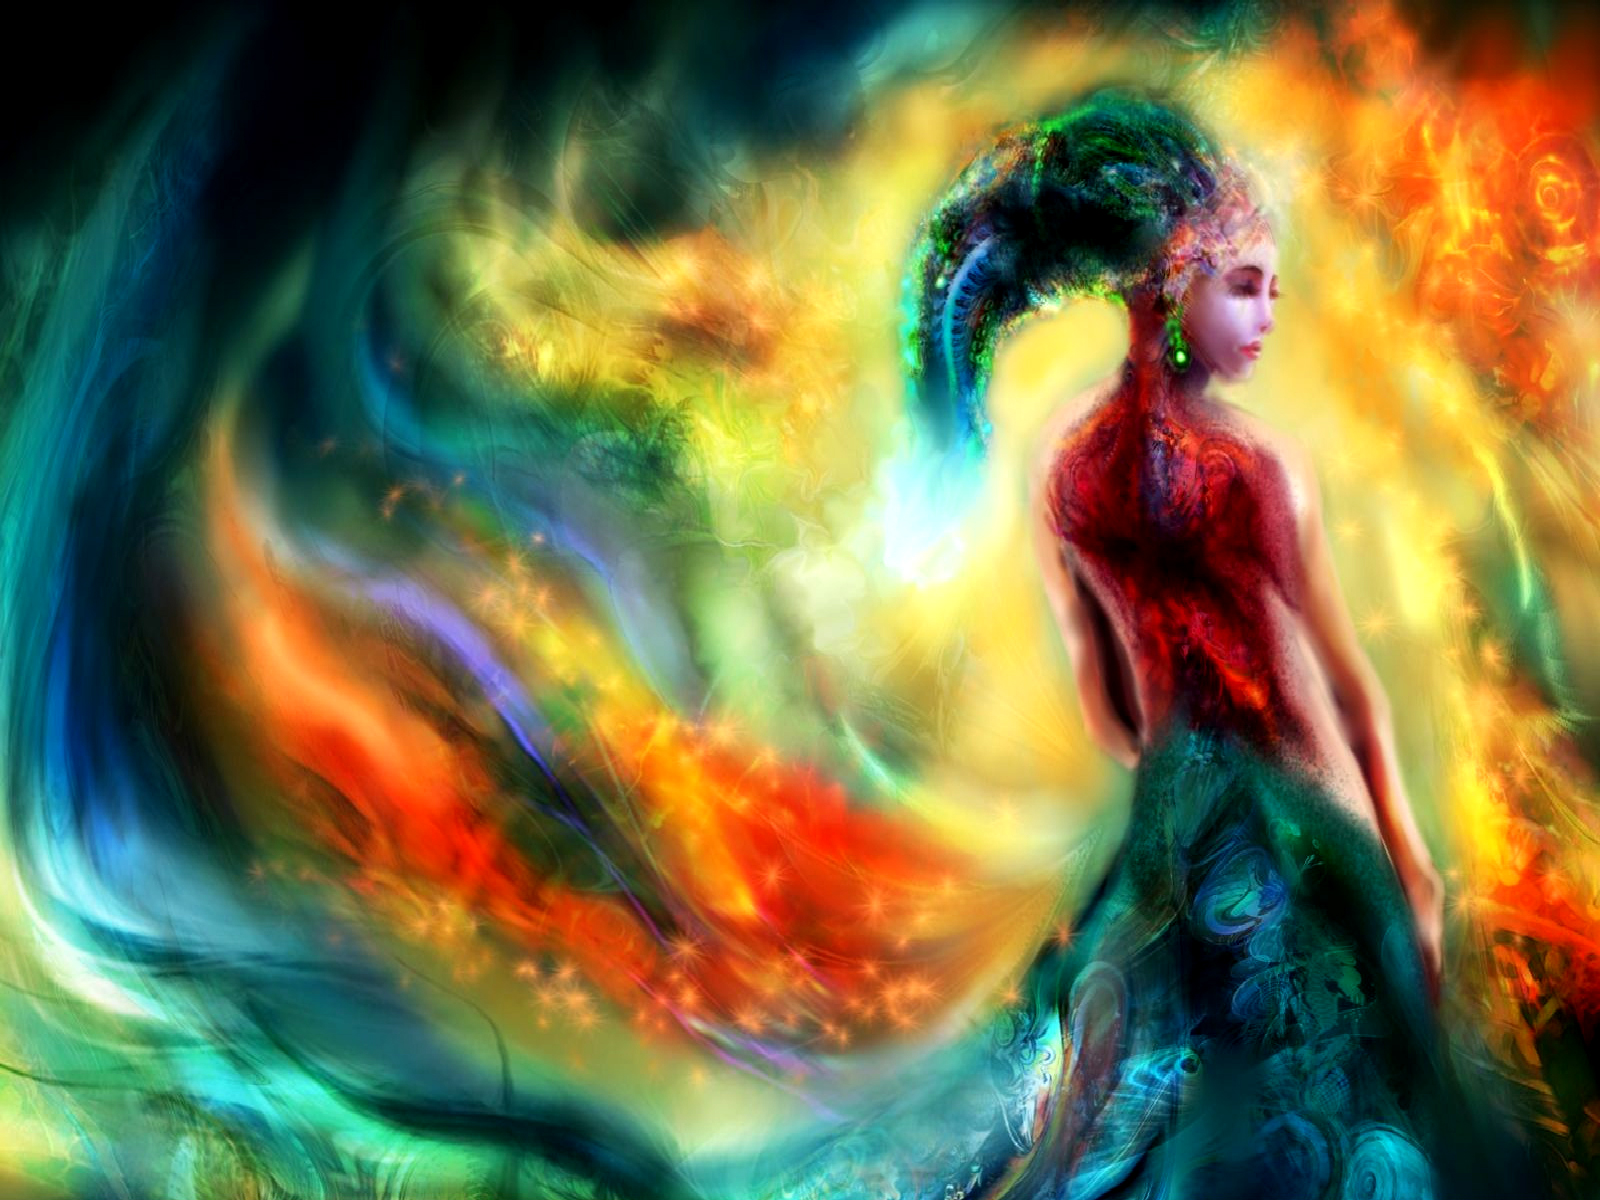 Artistique - Fantaisie  Color Paradise Fond d'écran